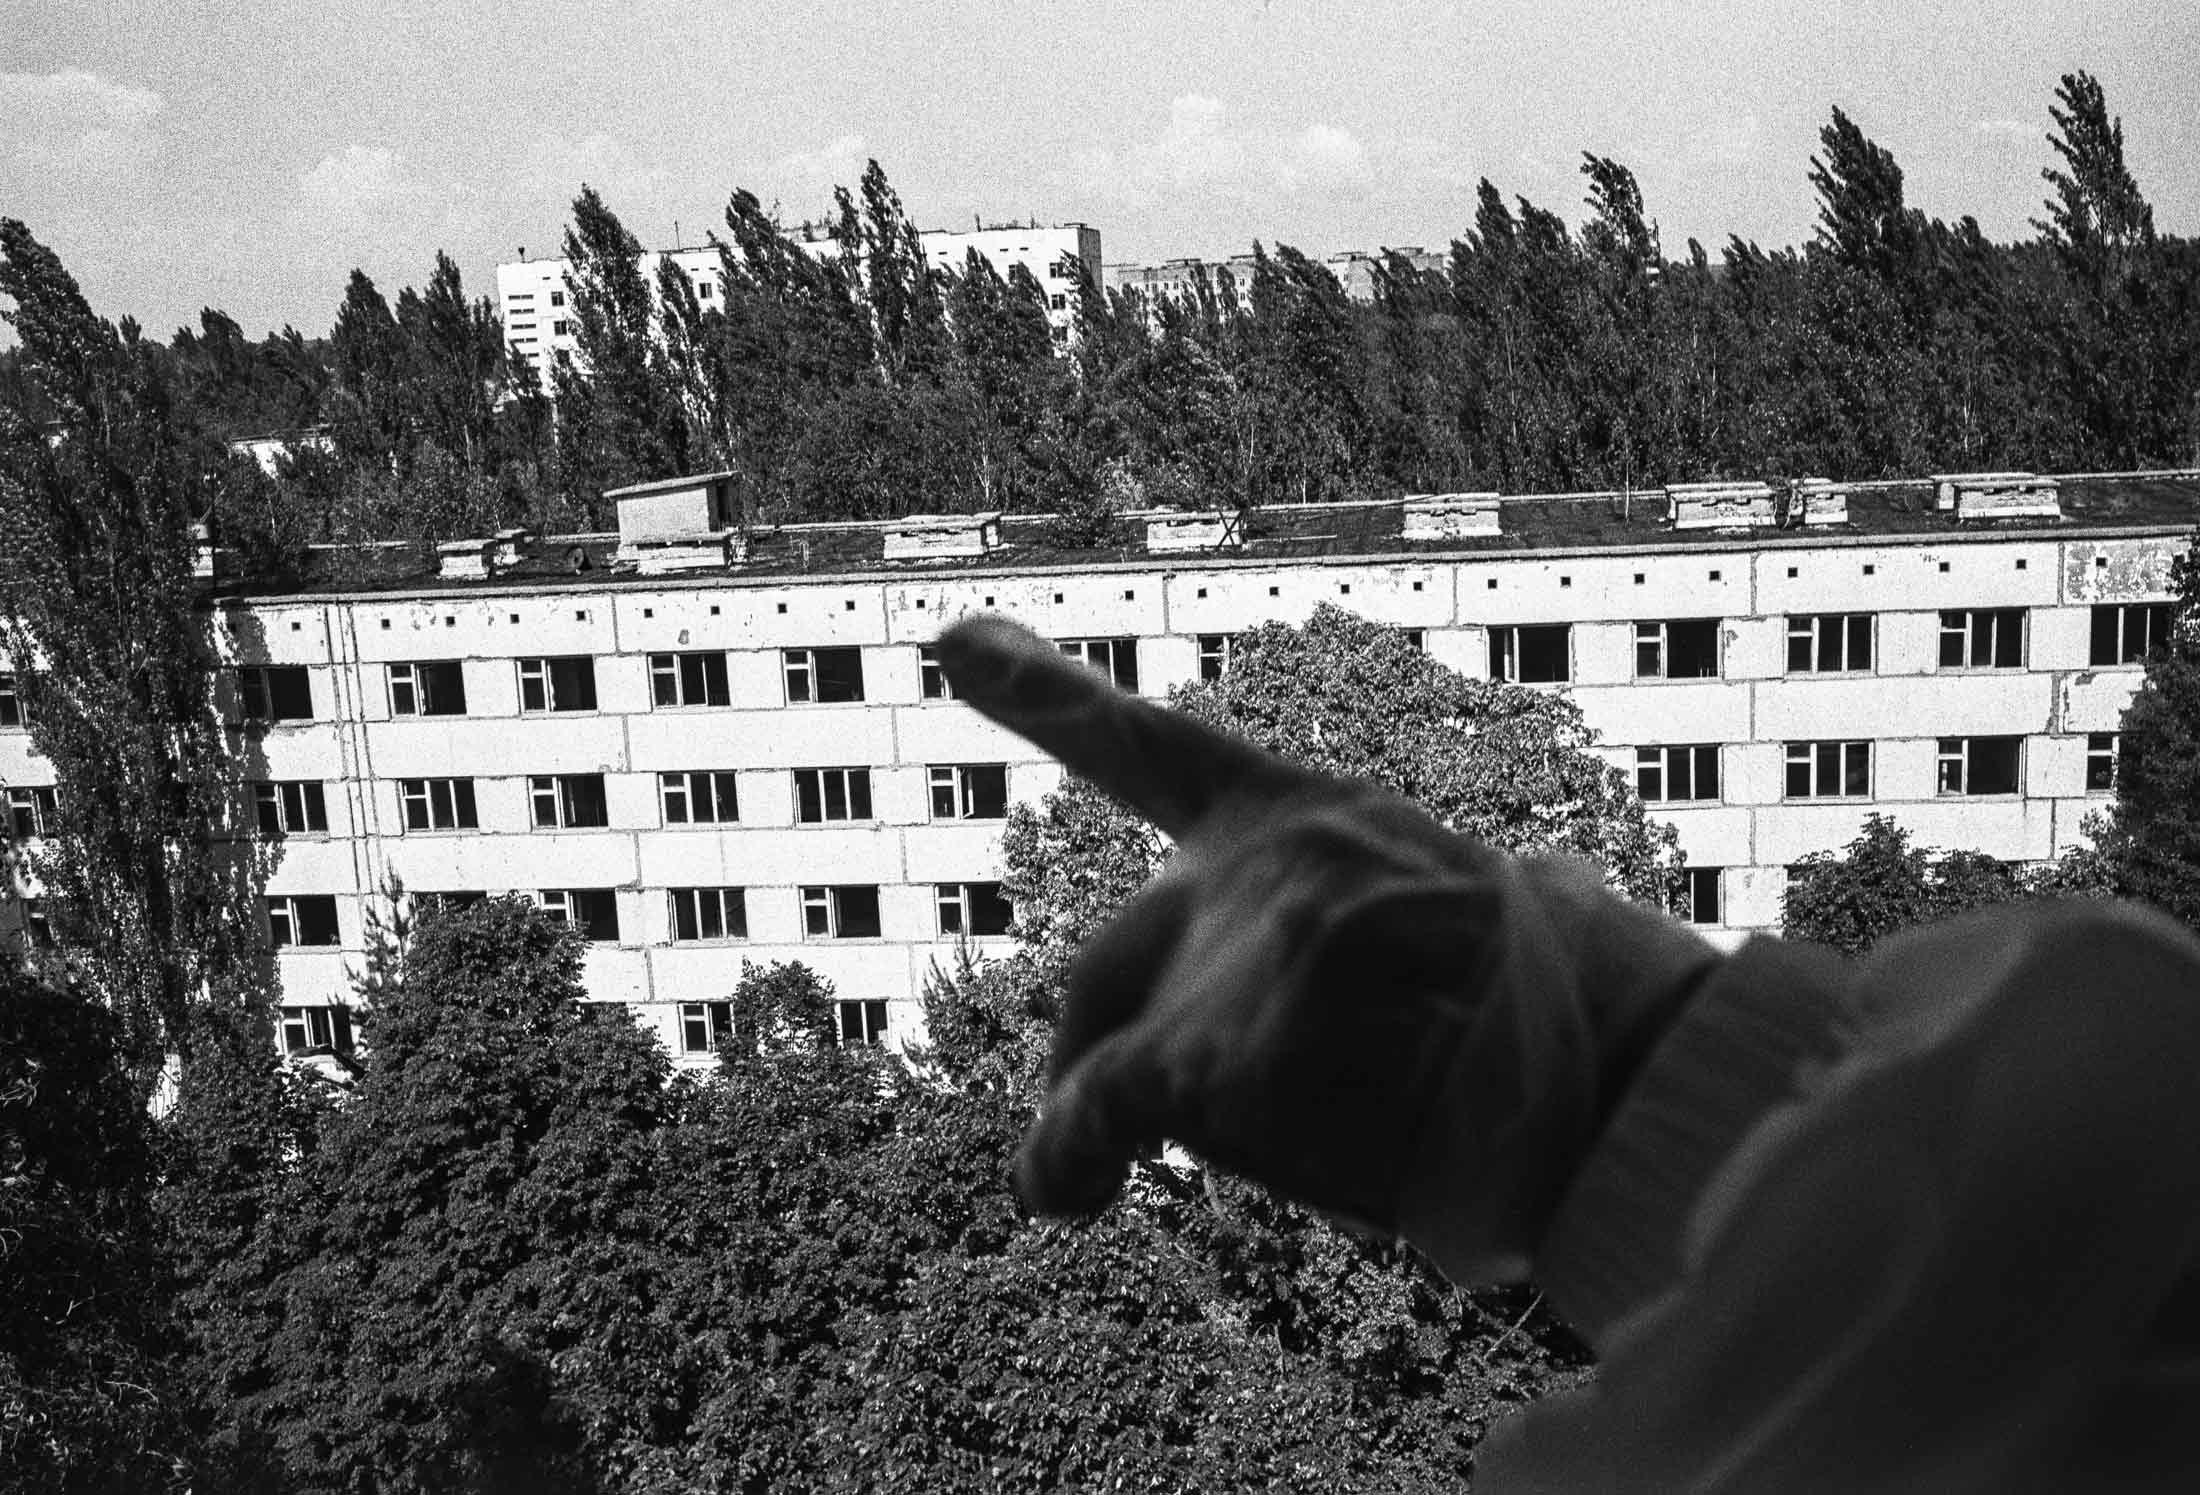 lomakin untitled 11 - <b>Повернення до Прип'яті.</b> Андрій Ломакін і його «Візитери» в «Рівні цензури» - Заборона